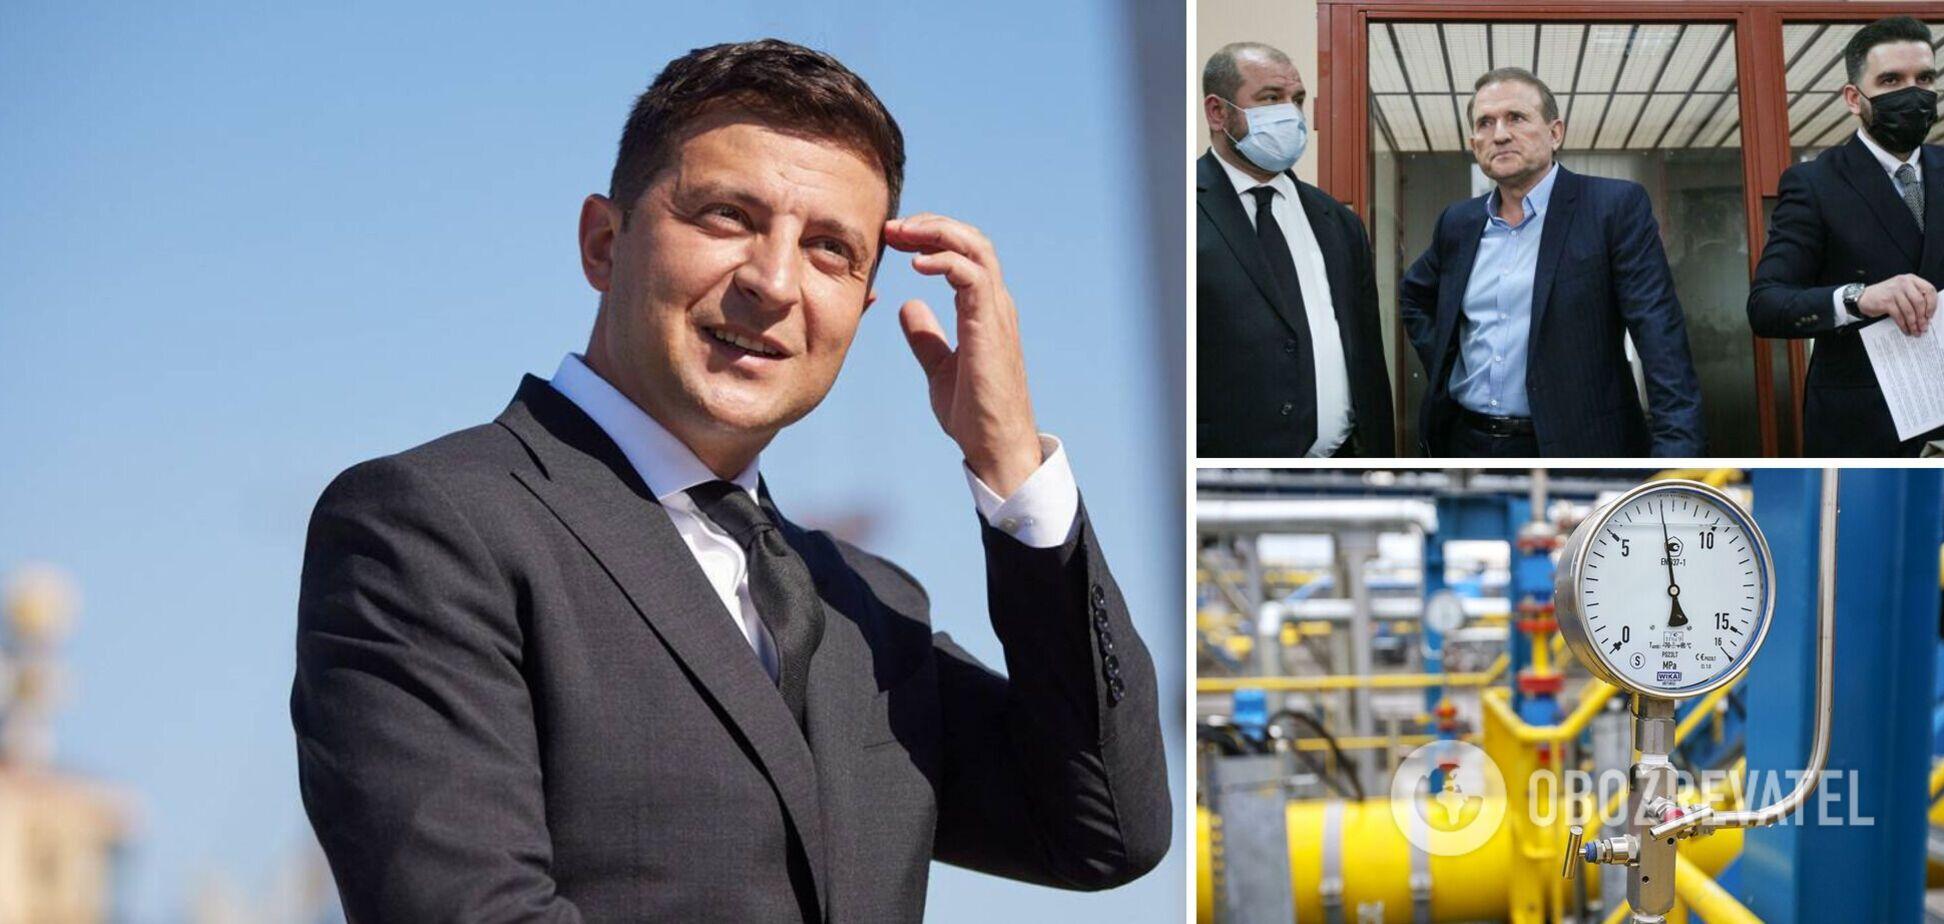 Зеленский прокомментировал свои офшоры и возможный обмен Медведчука. Главное из интервью президента